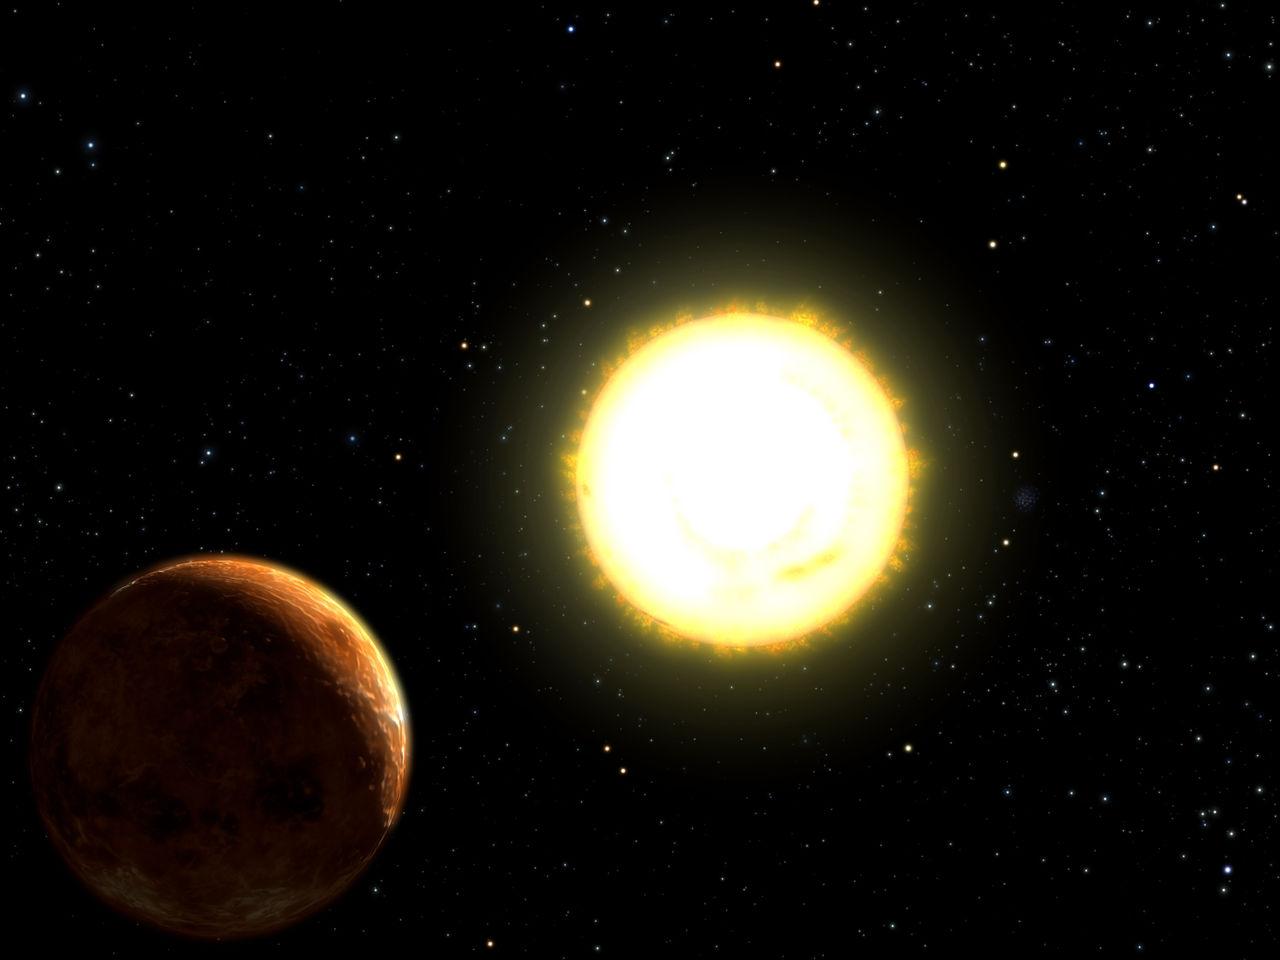 55 Cancri e la sua stella madre. Crediti: U. Texas, NSF, NASA